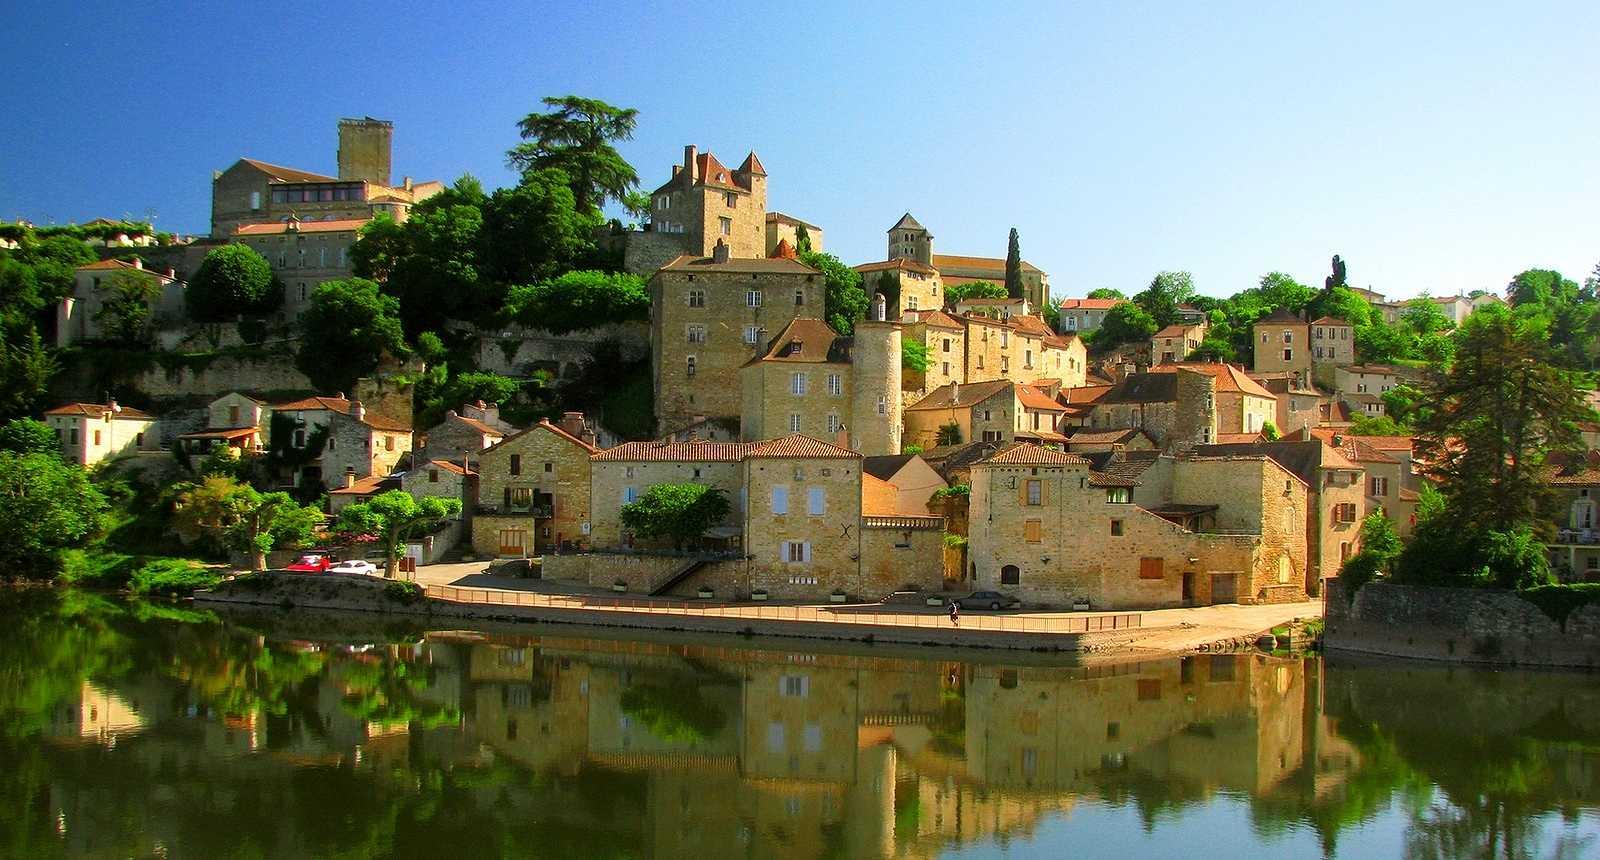 La ville de Puy-l'Evêque